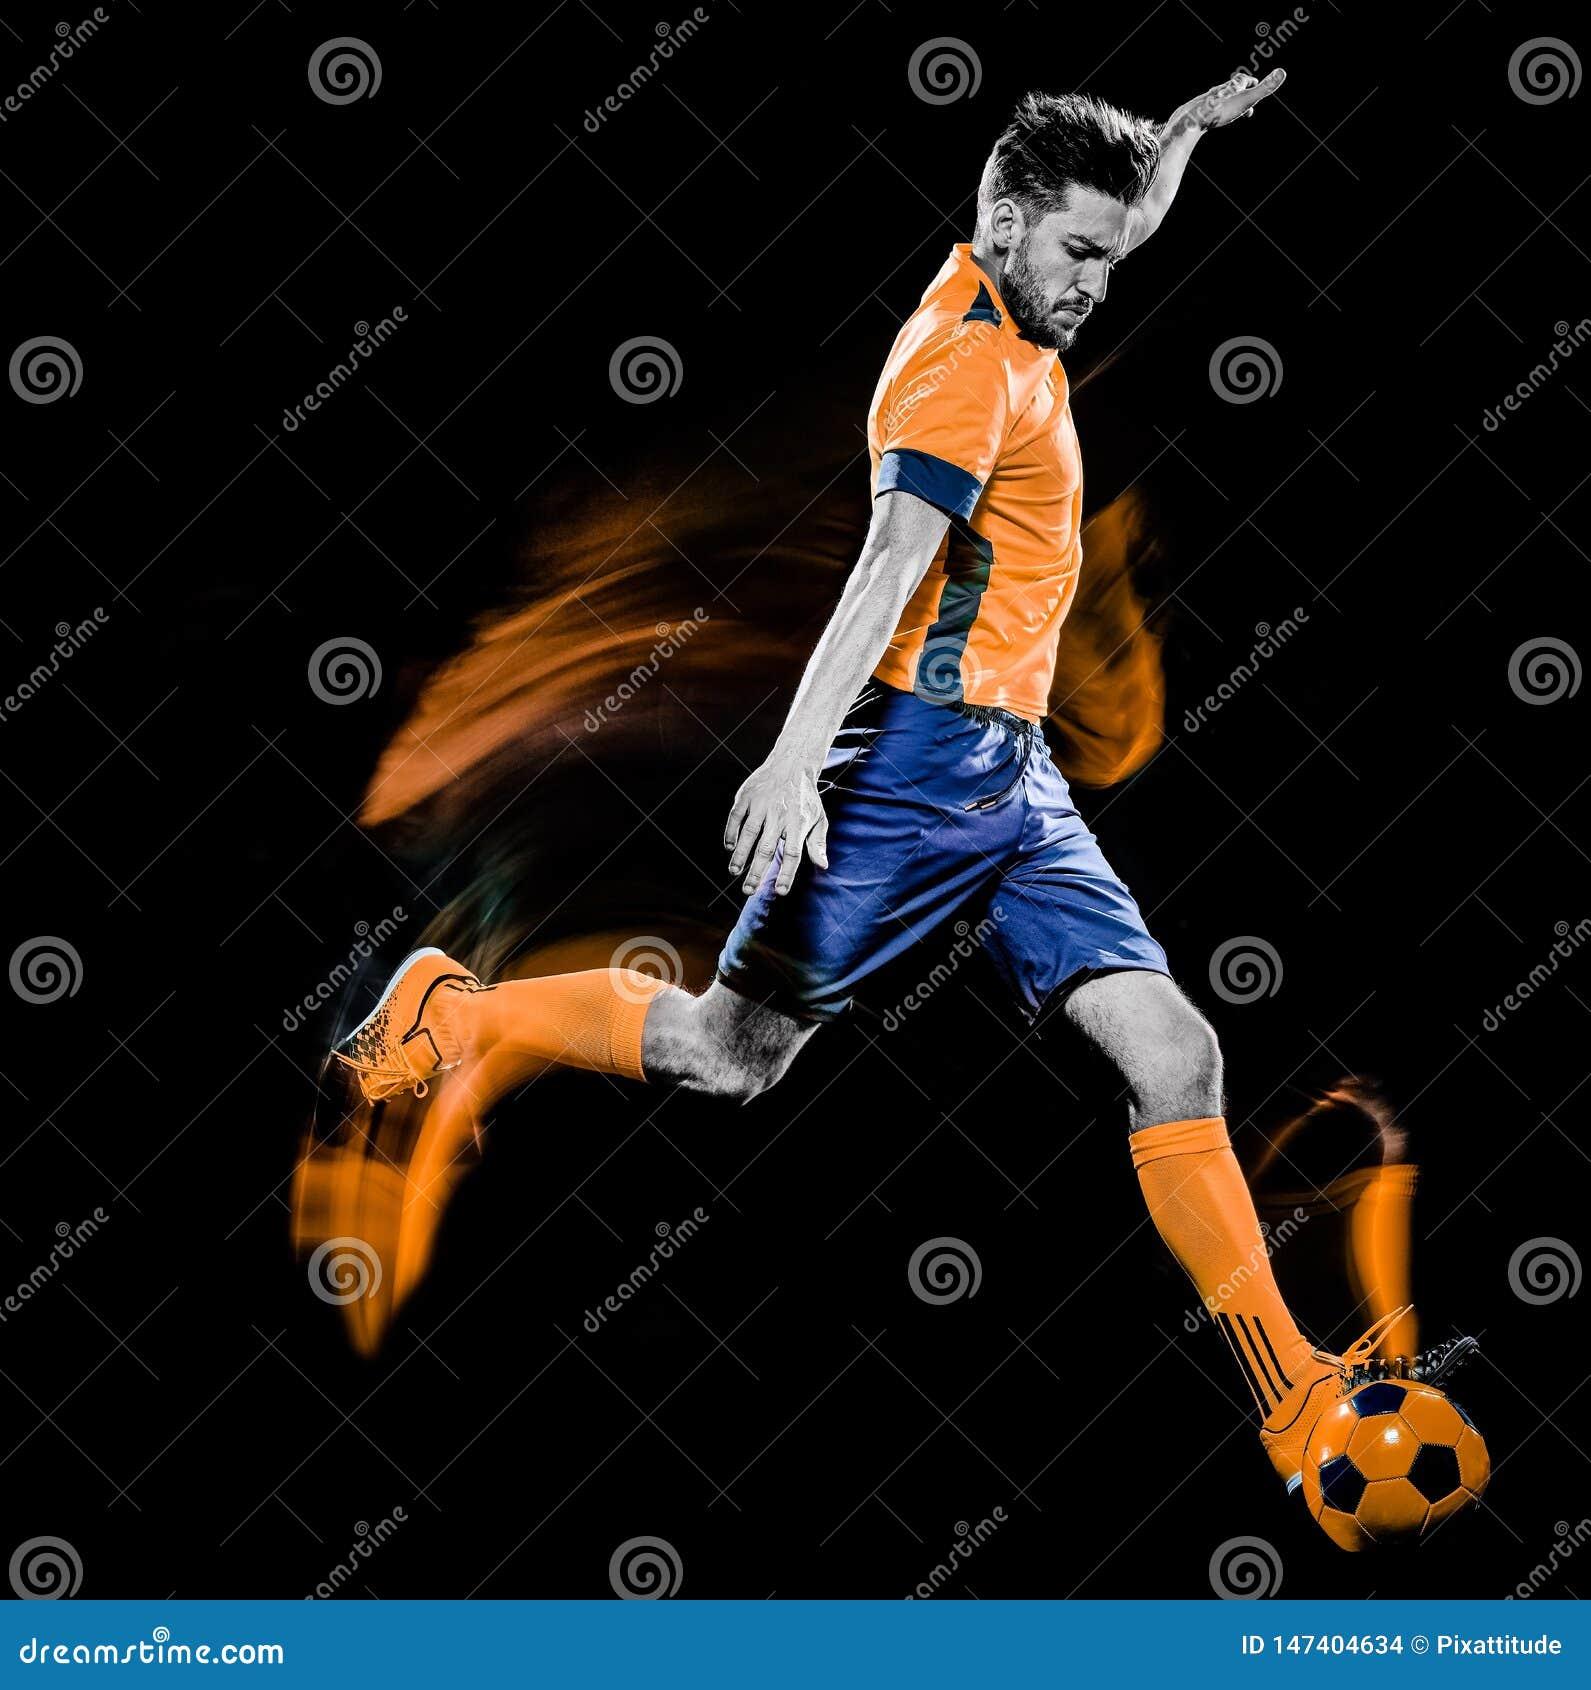 Το καυκάσιο άτομο ποδοσφαιριστών απομόνωσε τη μαύρη ελαφριά ζωγραφική υποβάθρου